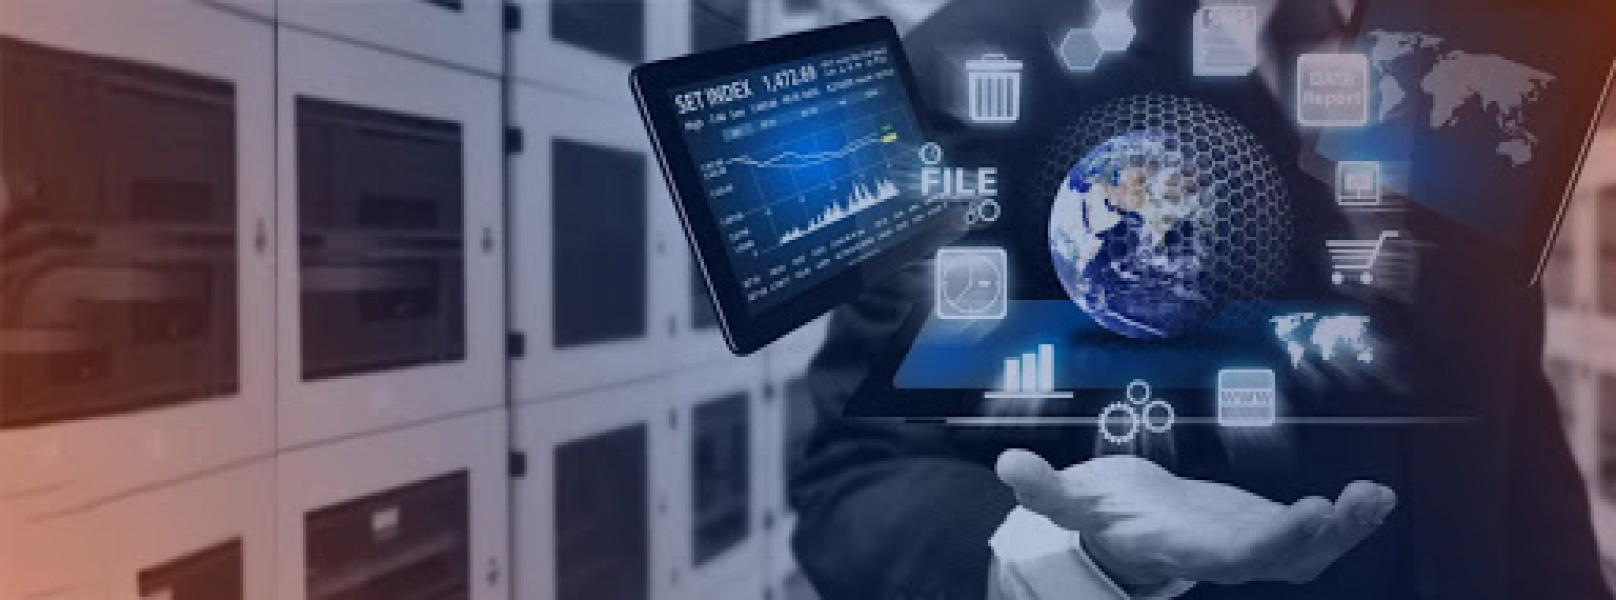 Перспективы в Украине для специалистов по информационным и компьютерным технологиям